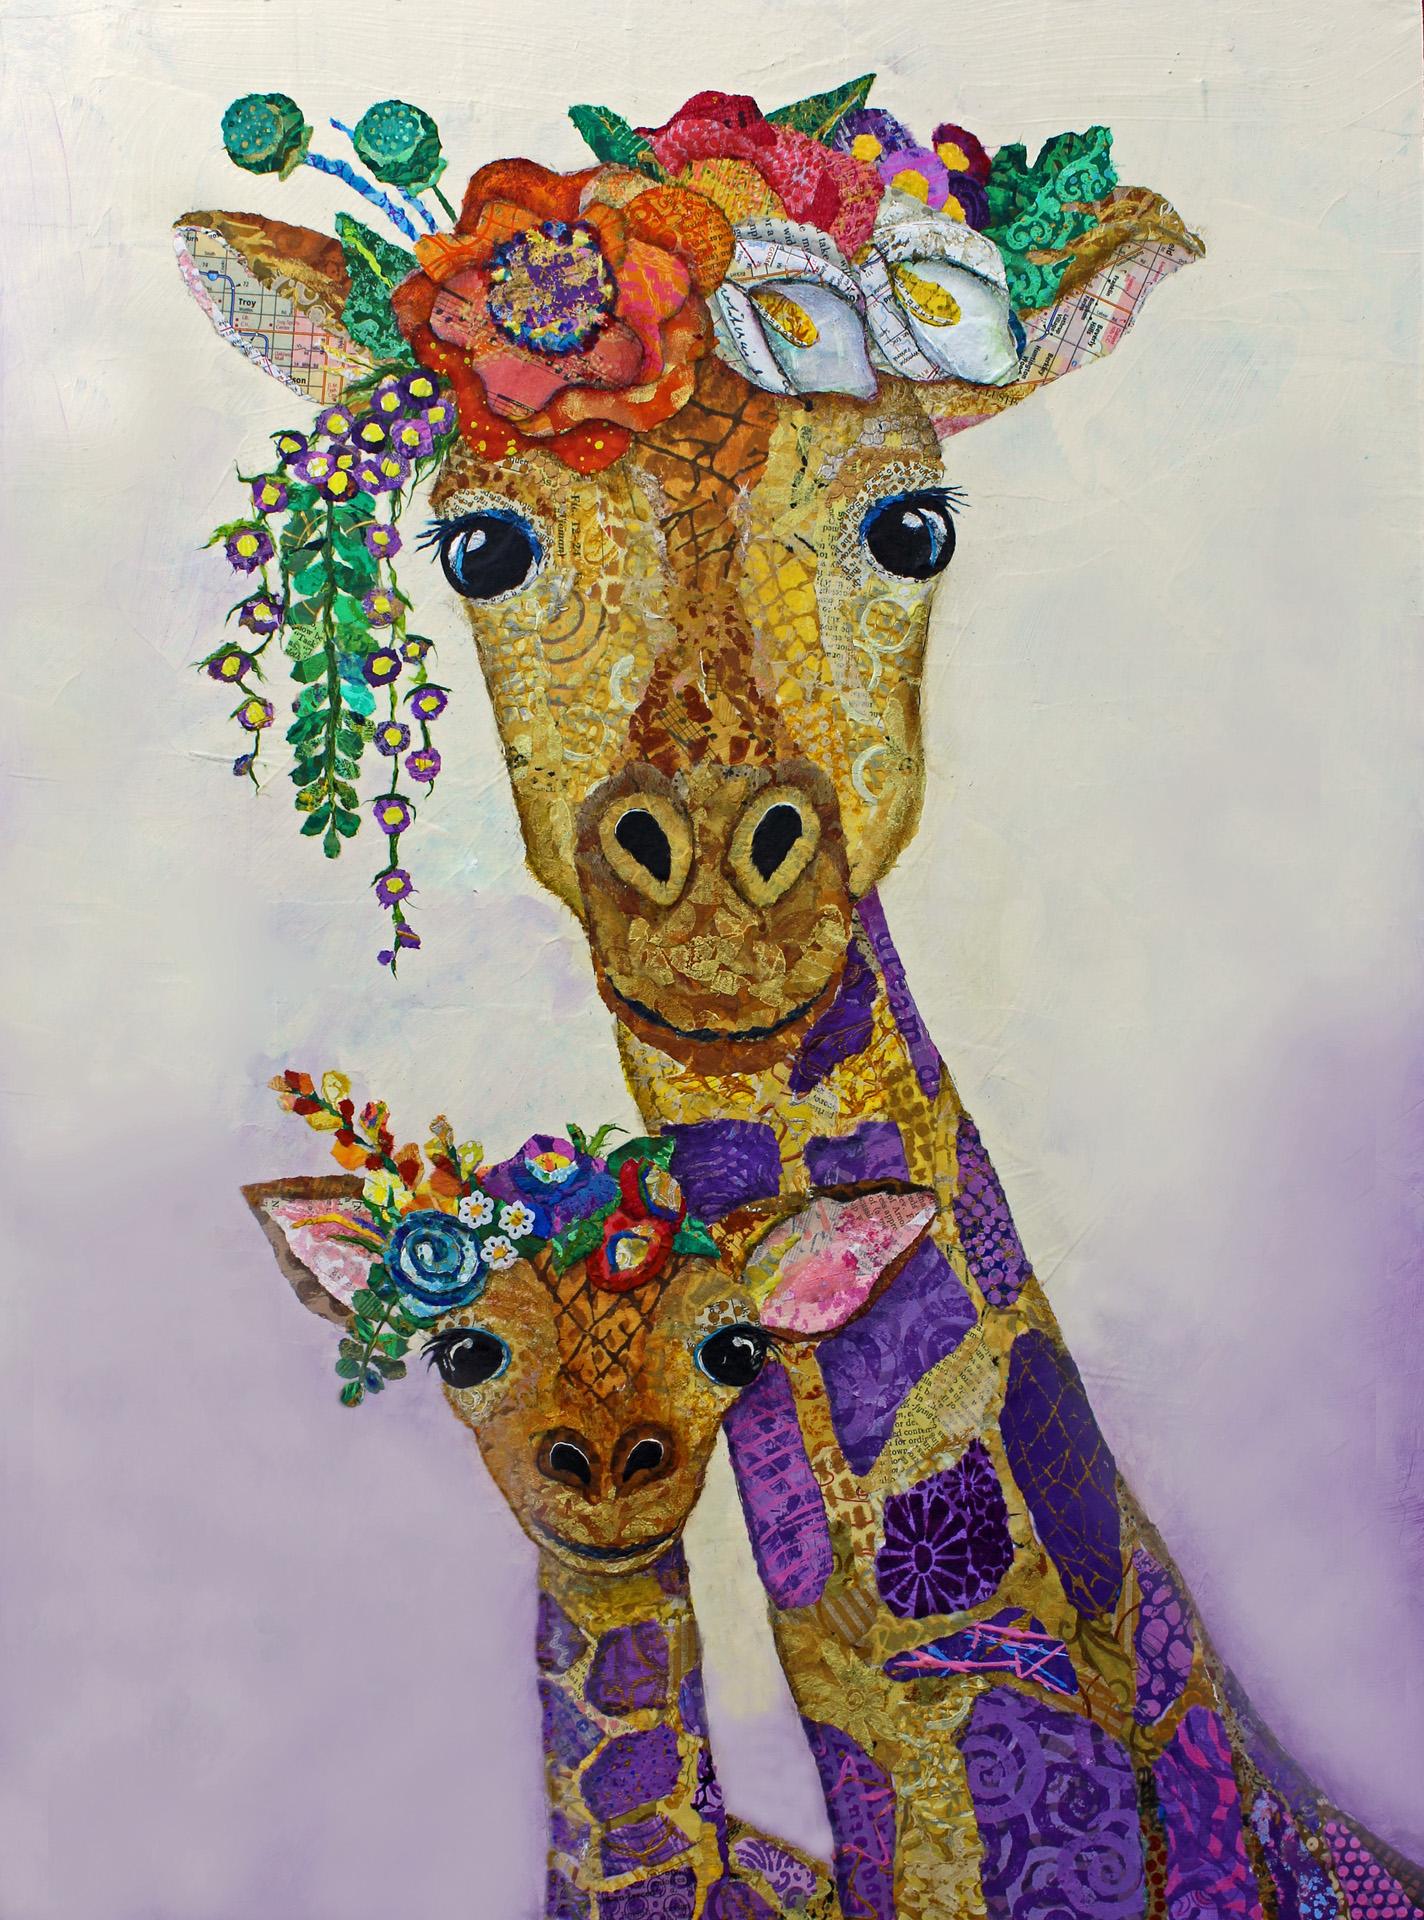 Giraffe GG - Lisa Morales.jpg